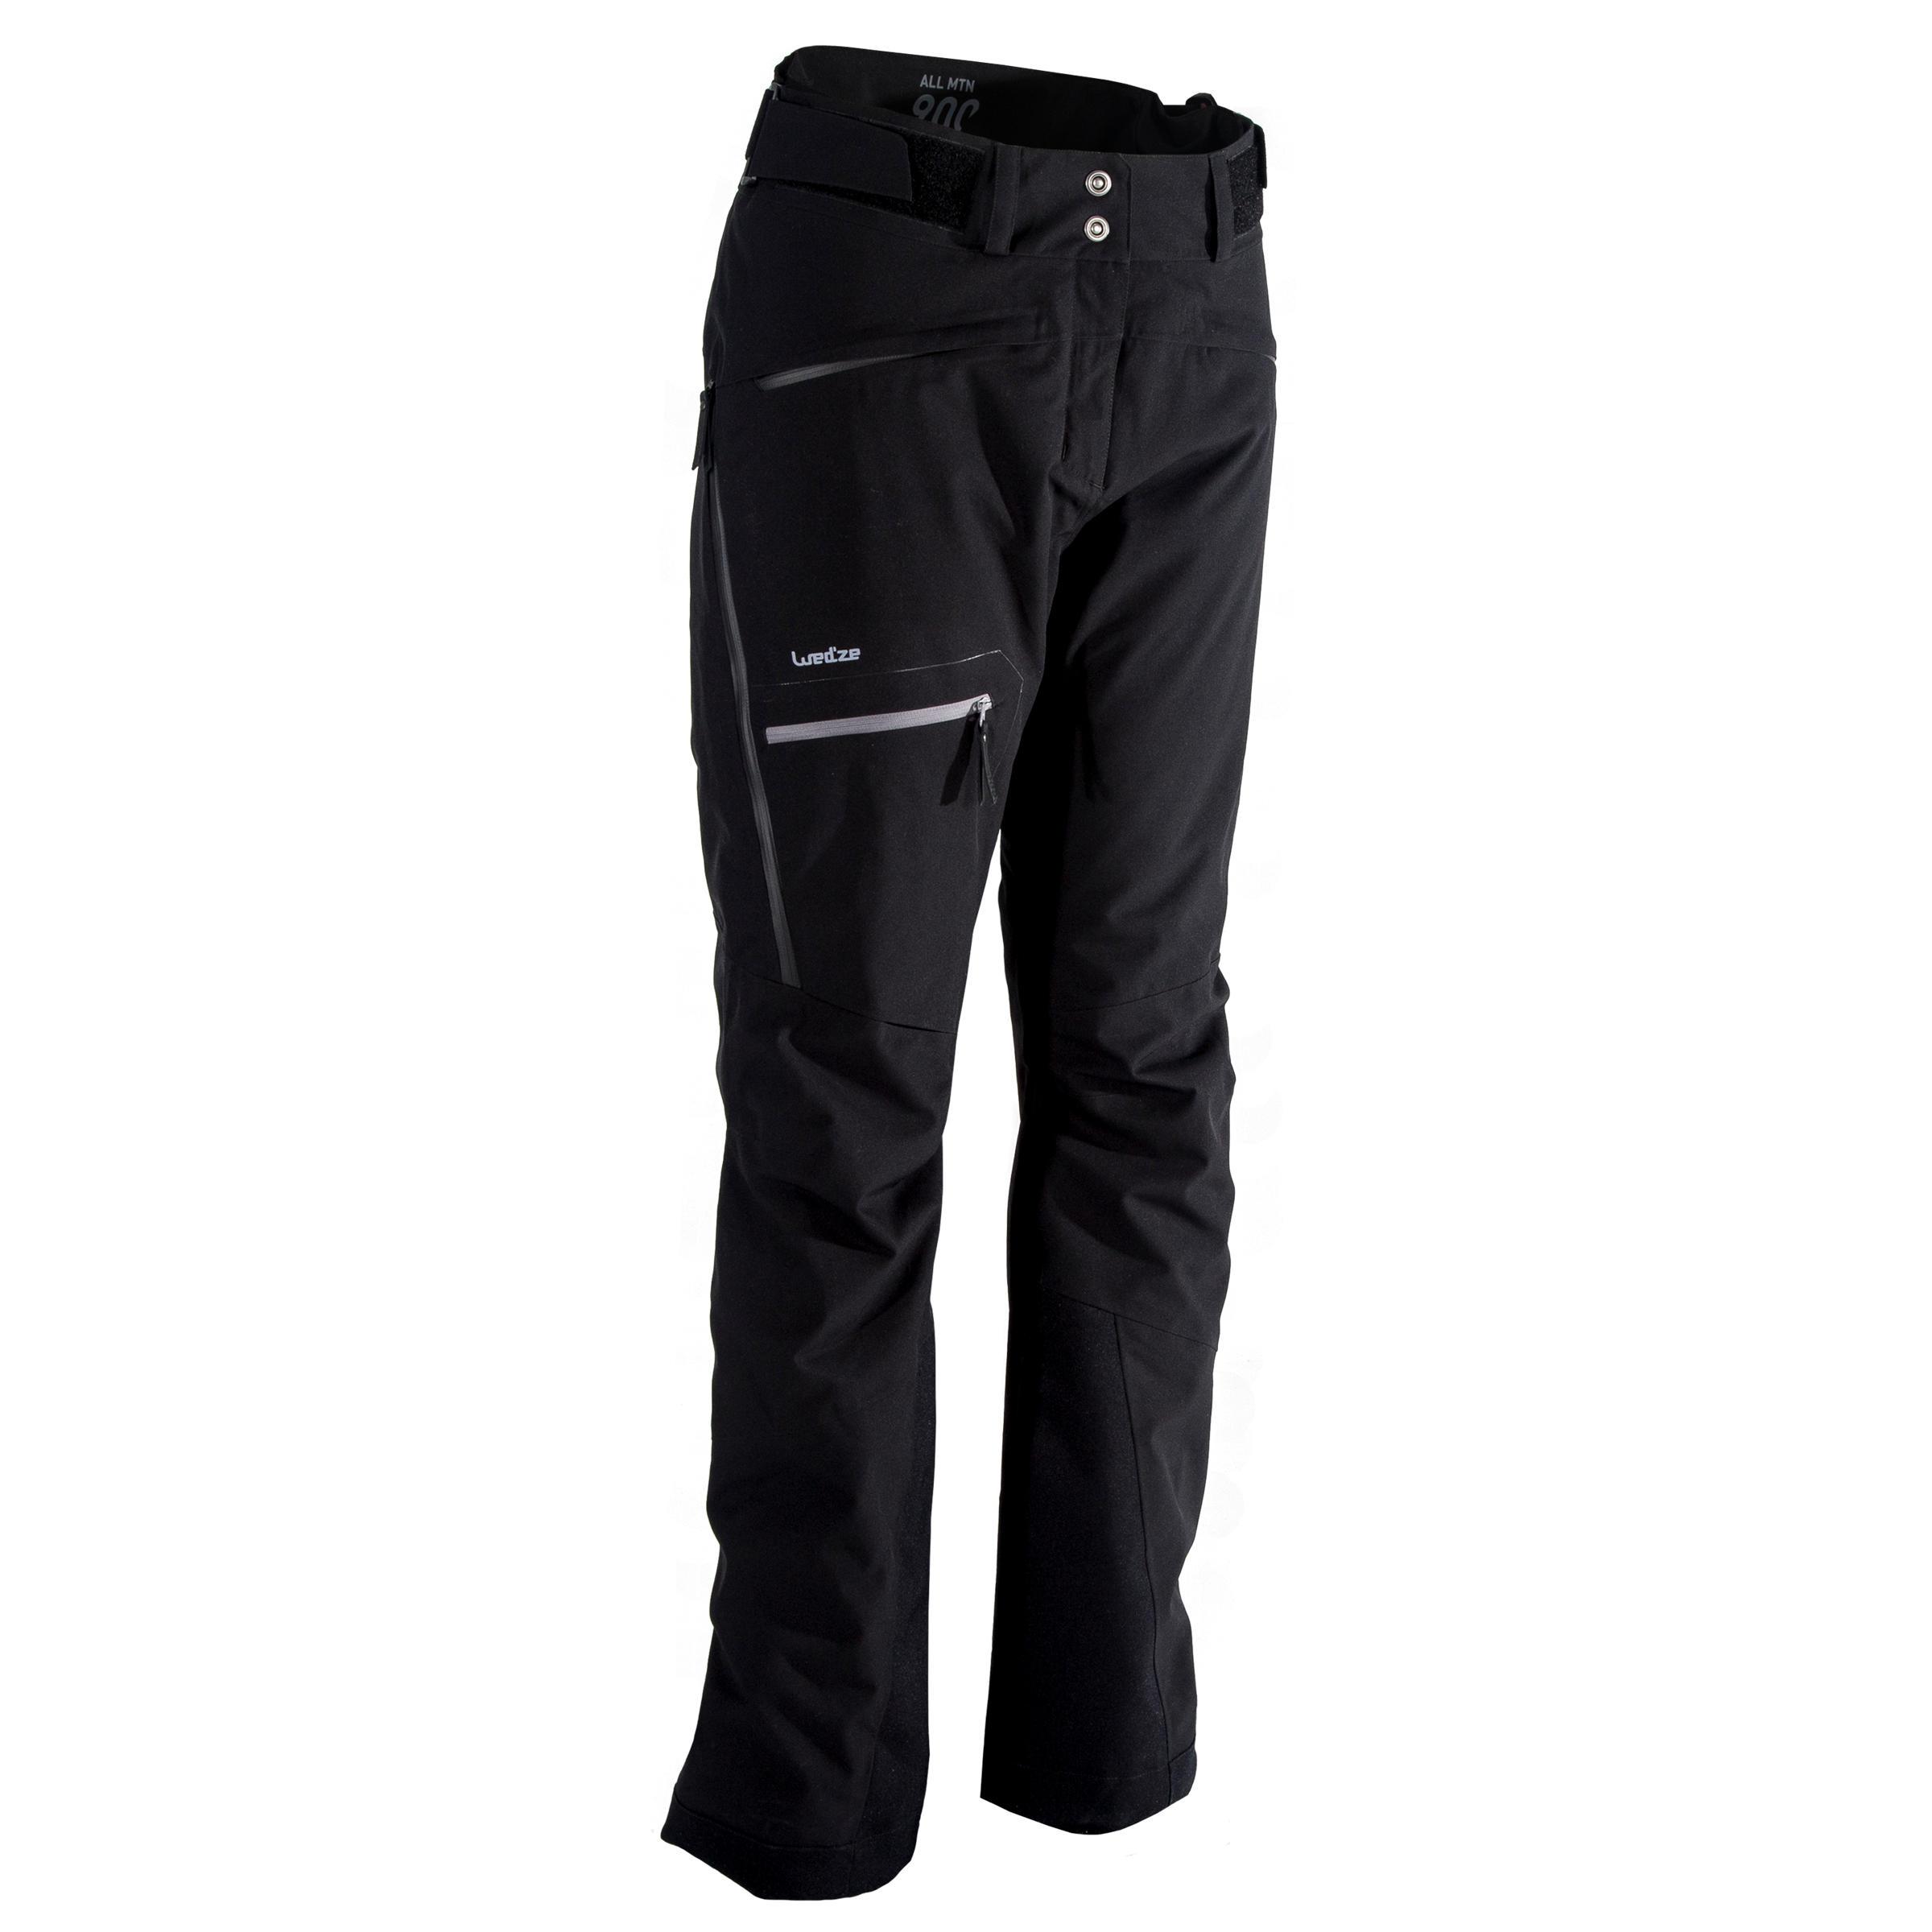 Pantalon schi AM900 Damă la Reducere poza